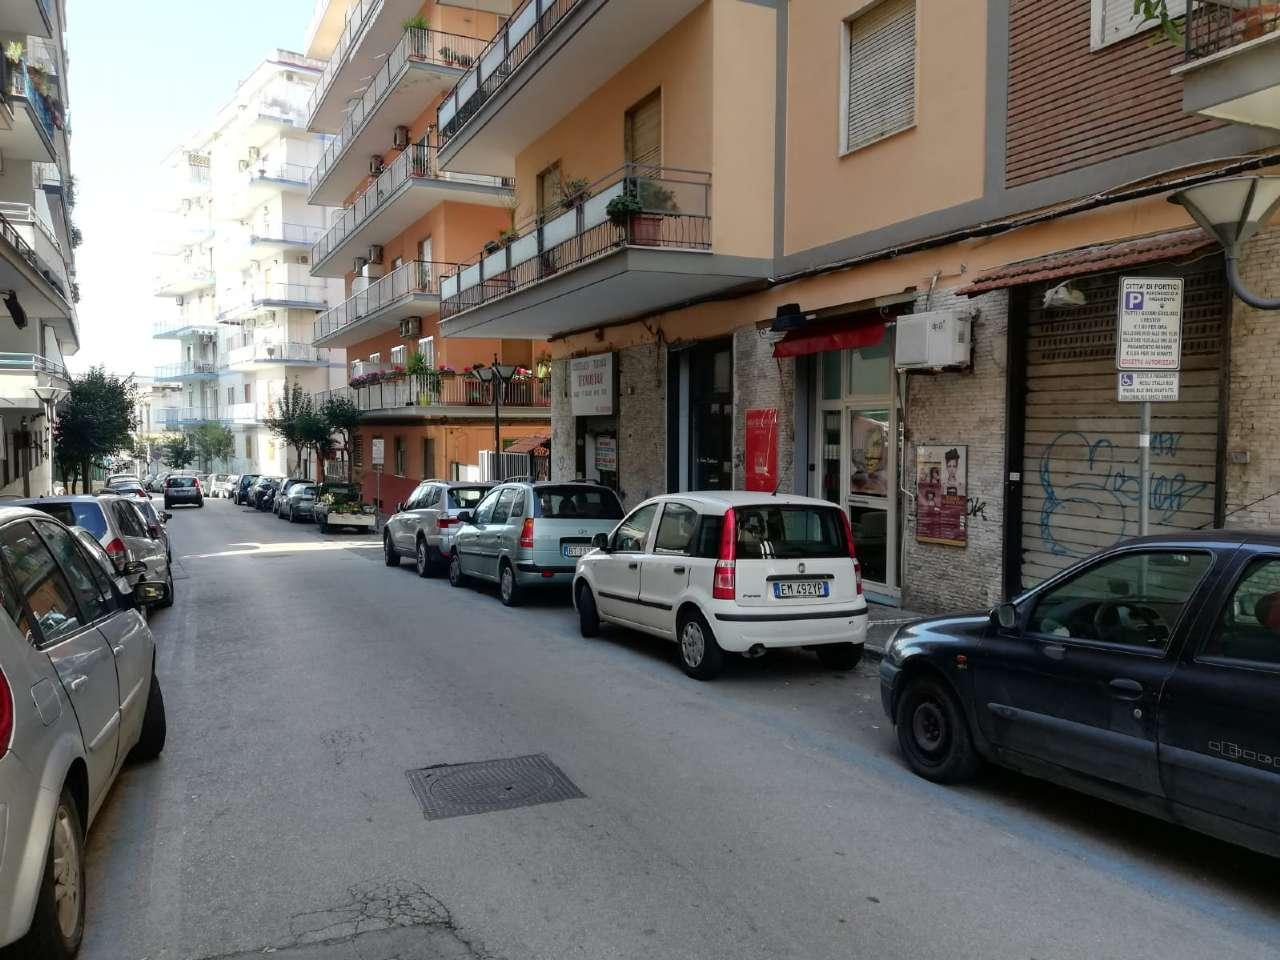 Negozio / Locale in affitto a Portici, 1 locali, prezzo € 300 | CambioCasa.it